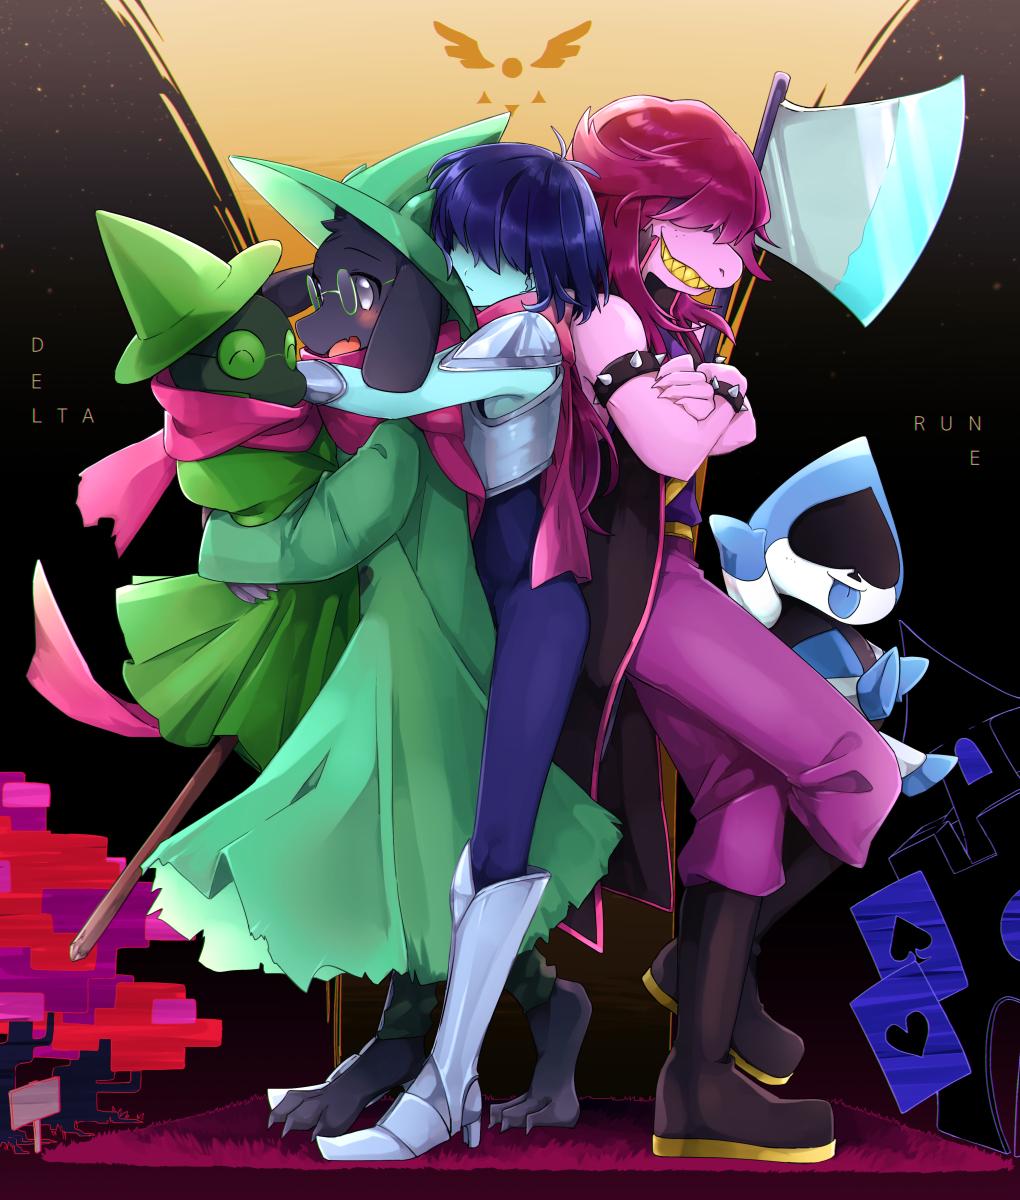 Deltarune - Zerochan Anime Image Board